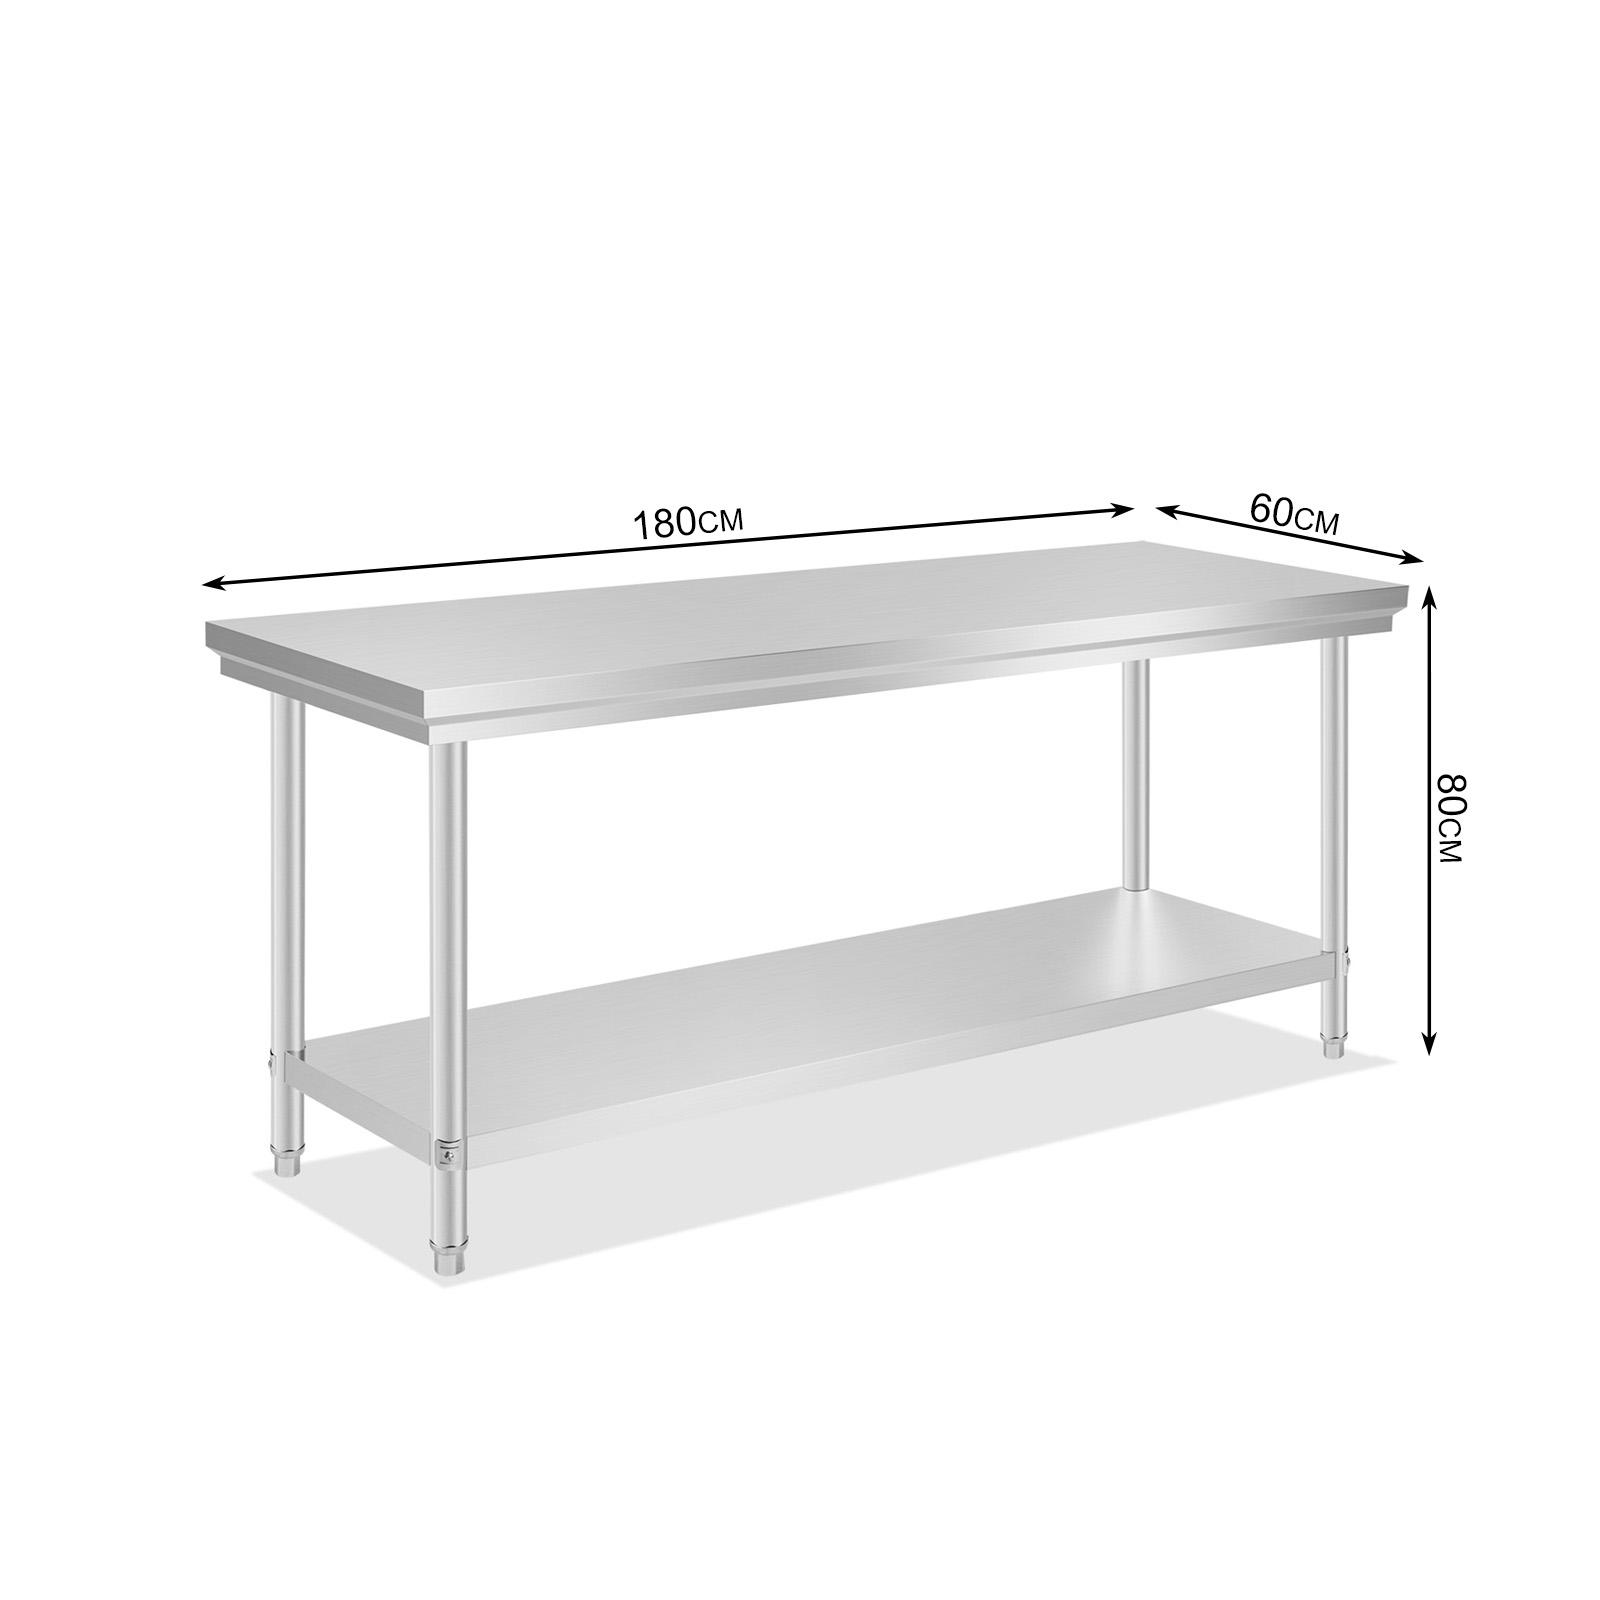 VEVOR Edelstahl Gastro Tisch Edelstahltisch Arbeitstisch